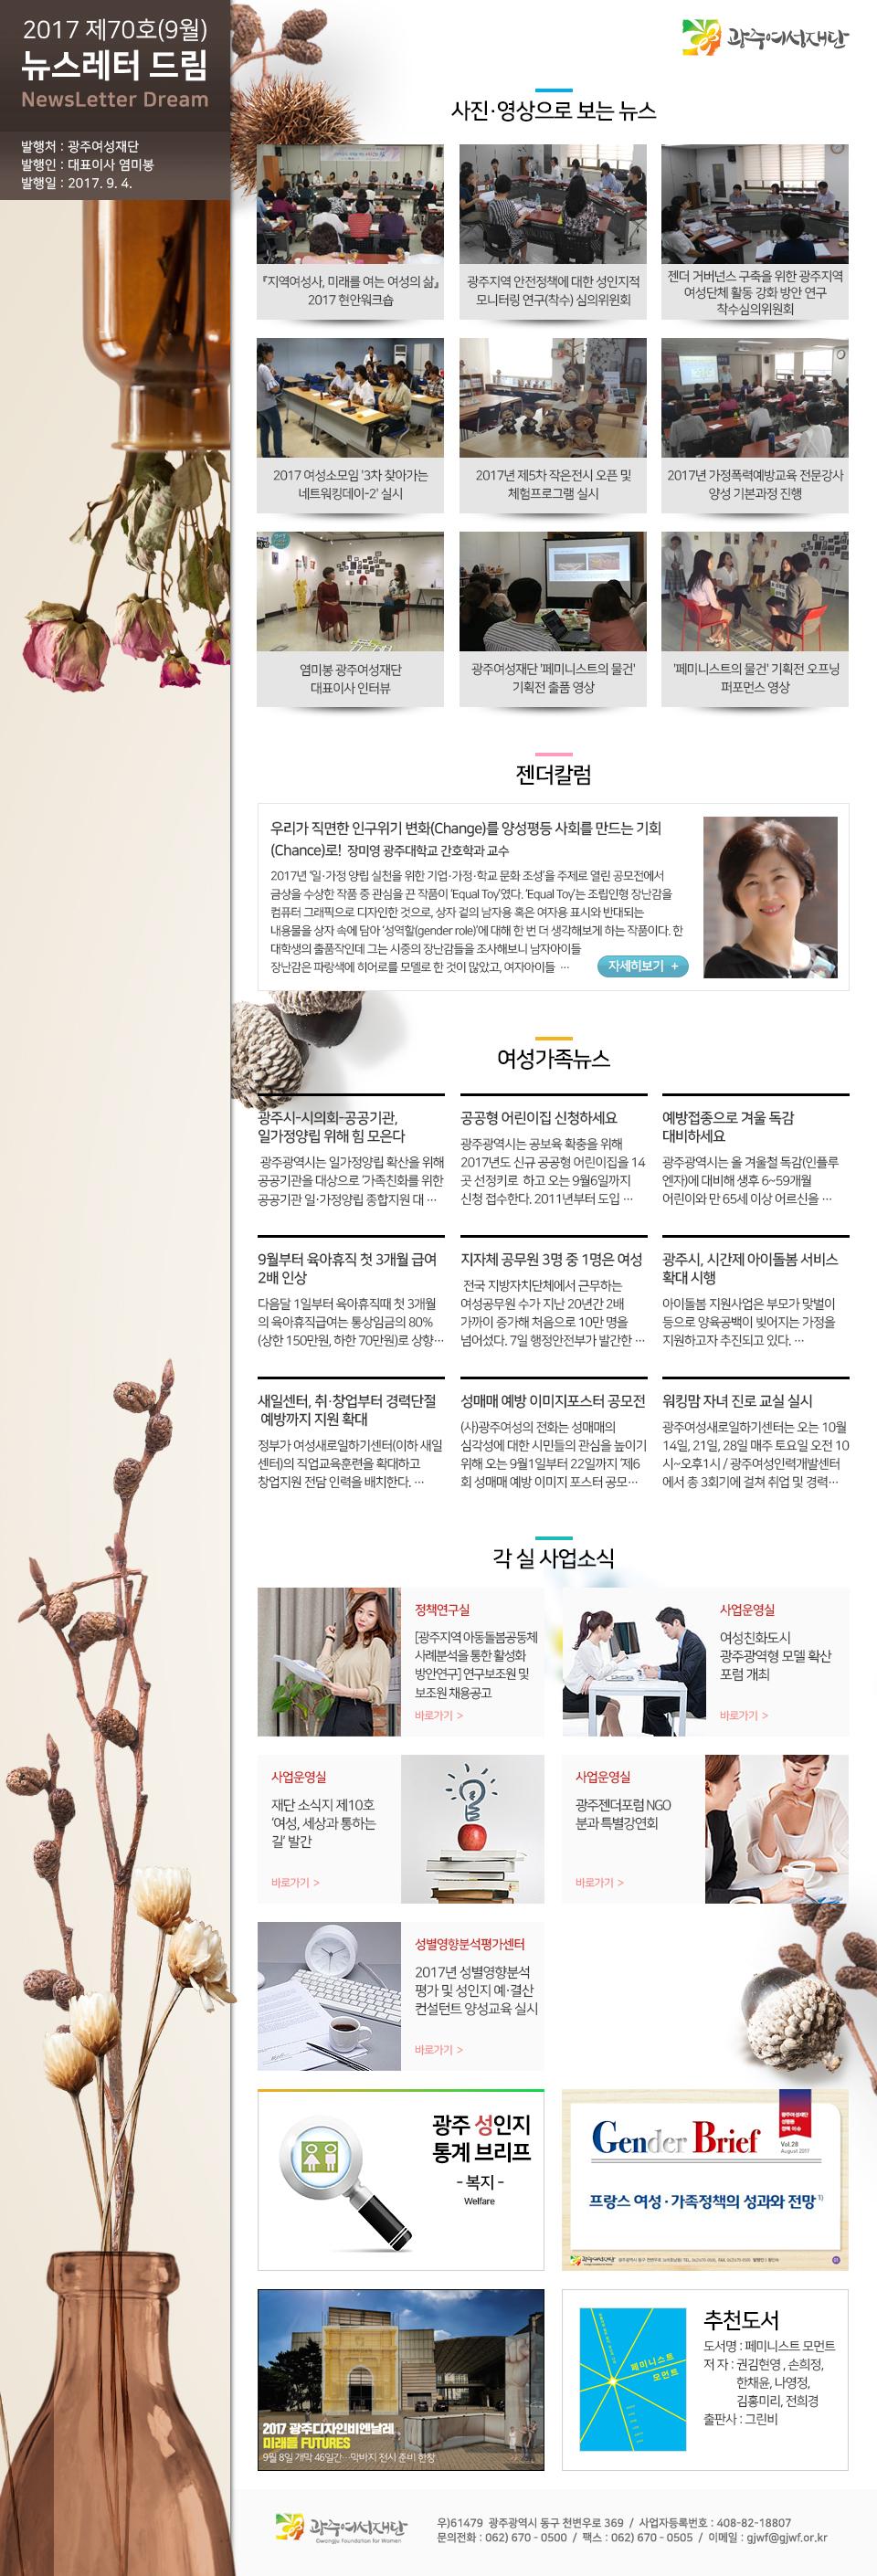 뉴스레터 드림 70호(17.09월) 썸네일